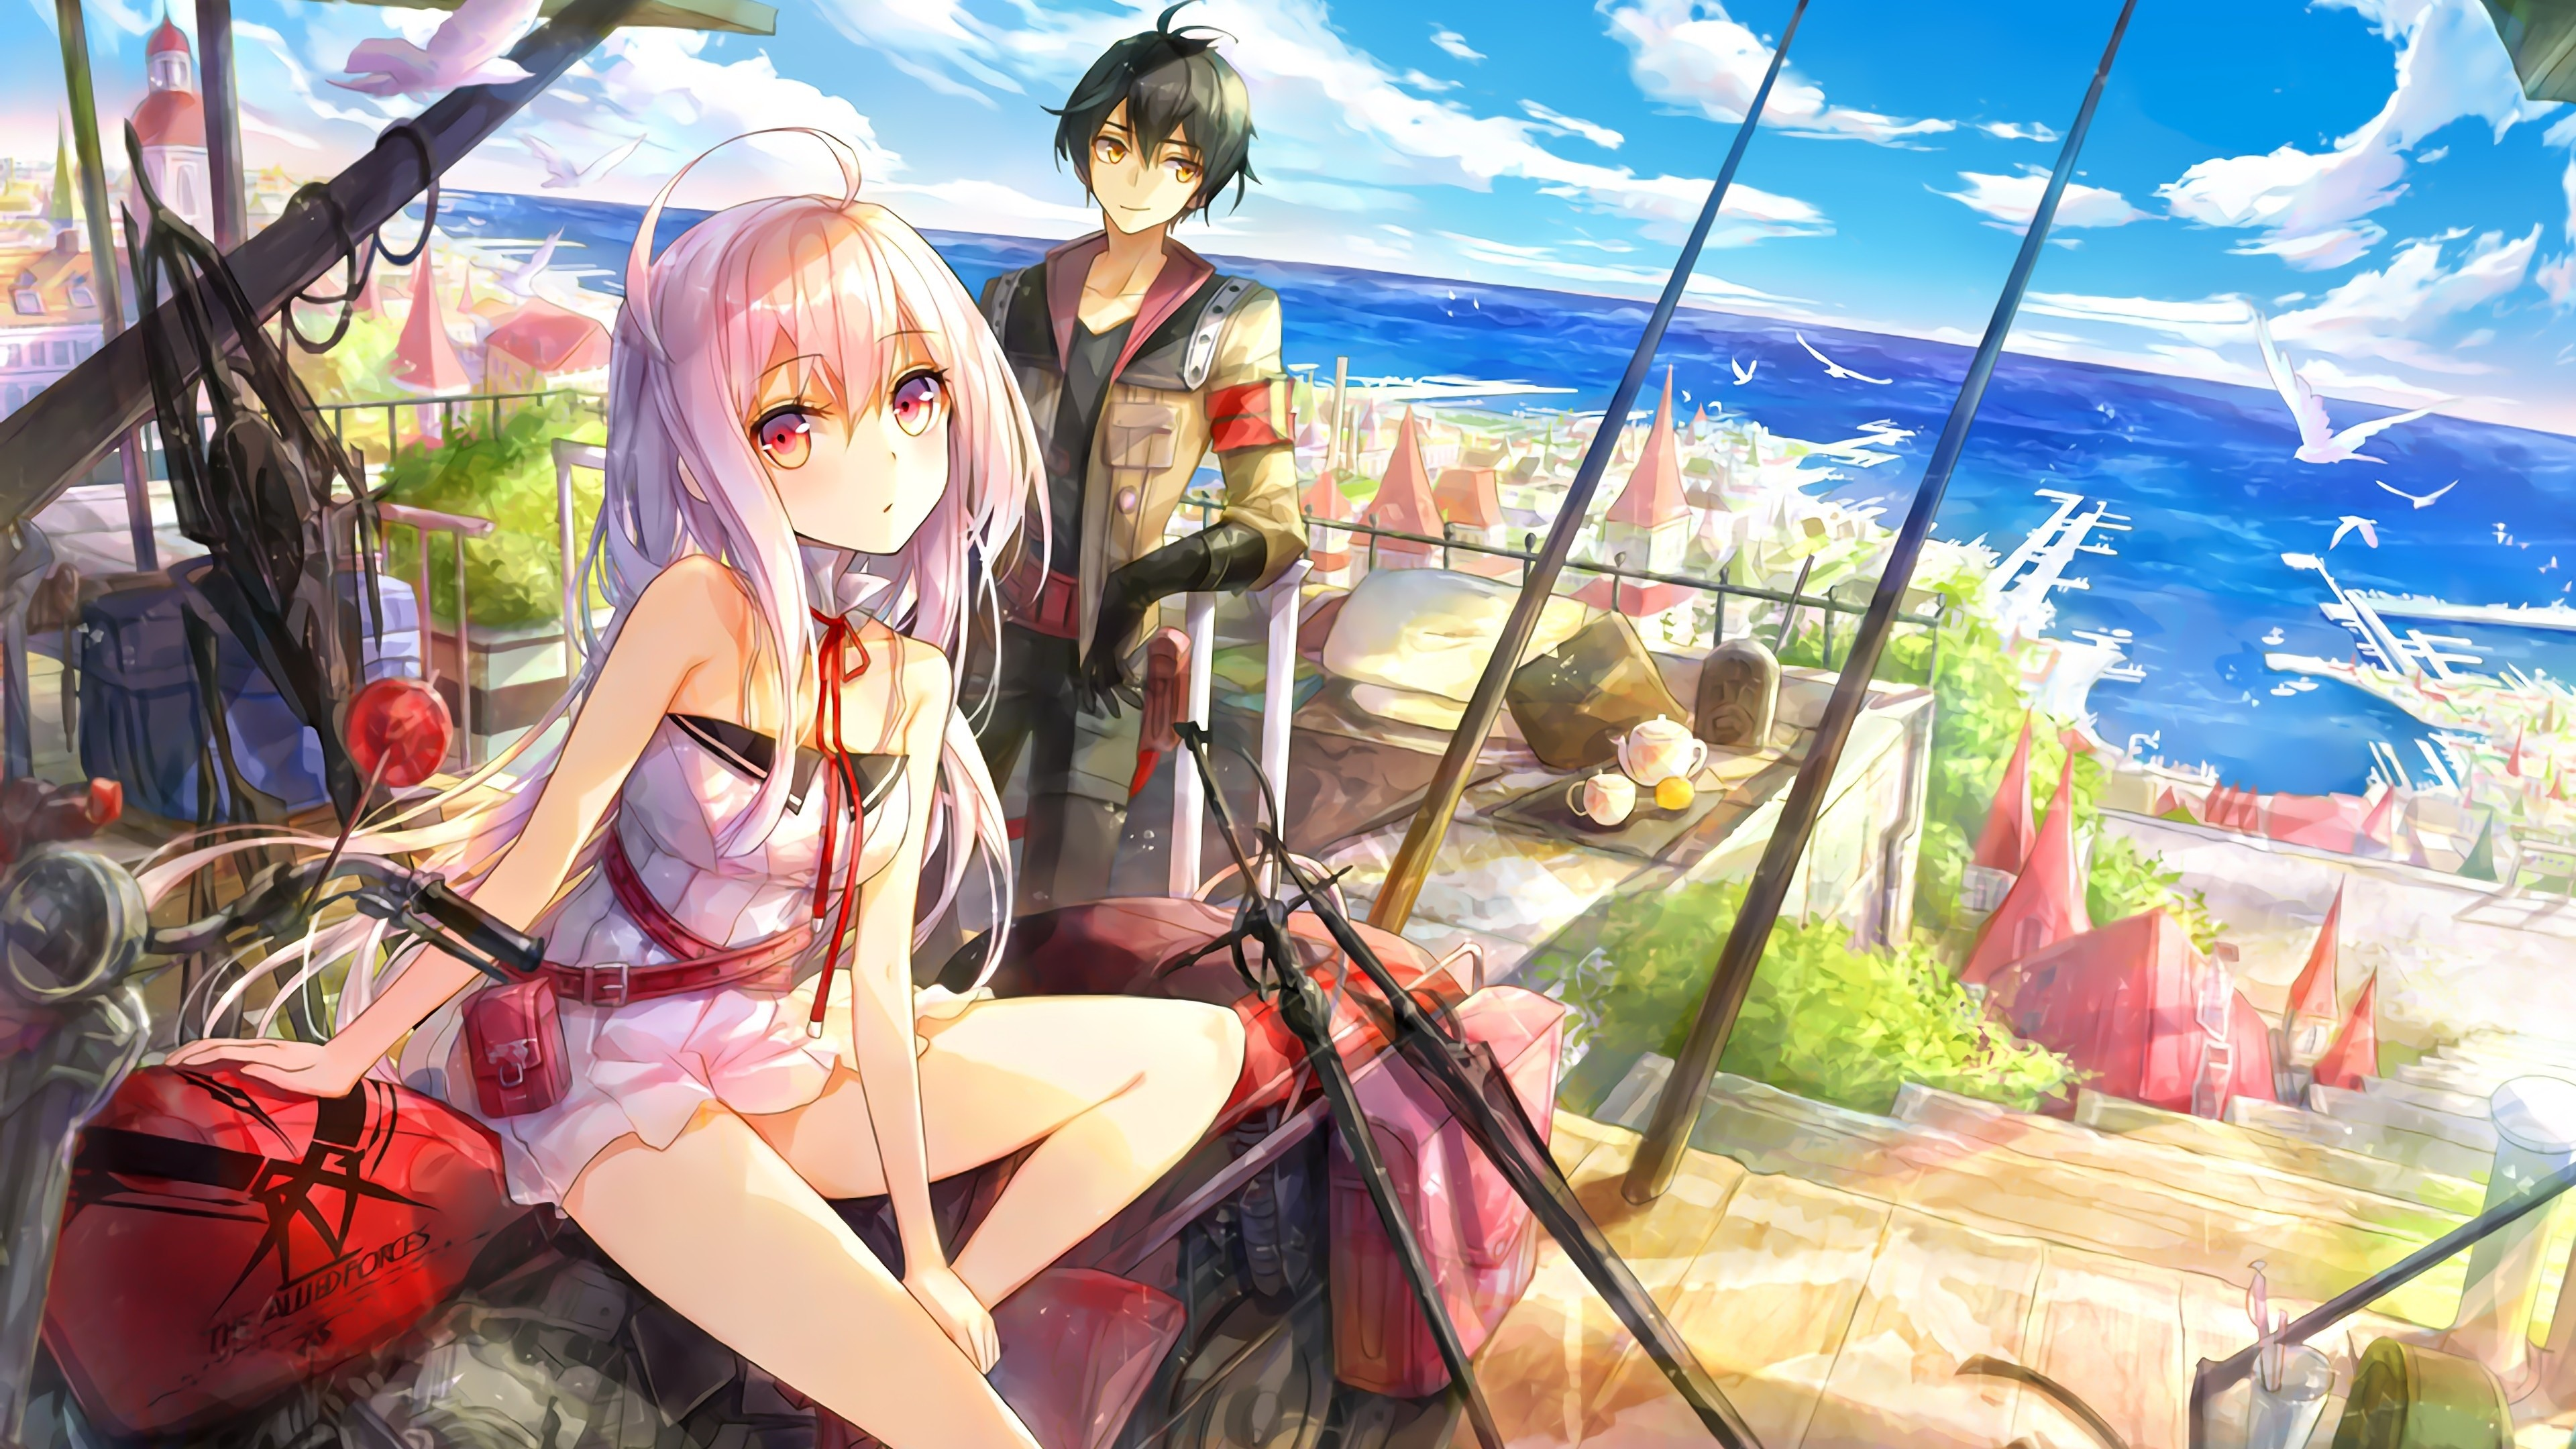 壁紙 アニメの女の子と男の子 市 海 海岸 カモメ 3840x2160 Uhd 4k 無料のデスクトップの背景 画像